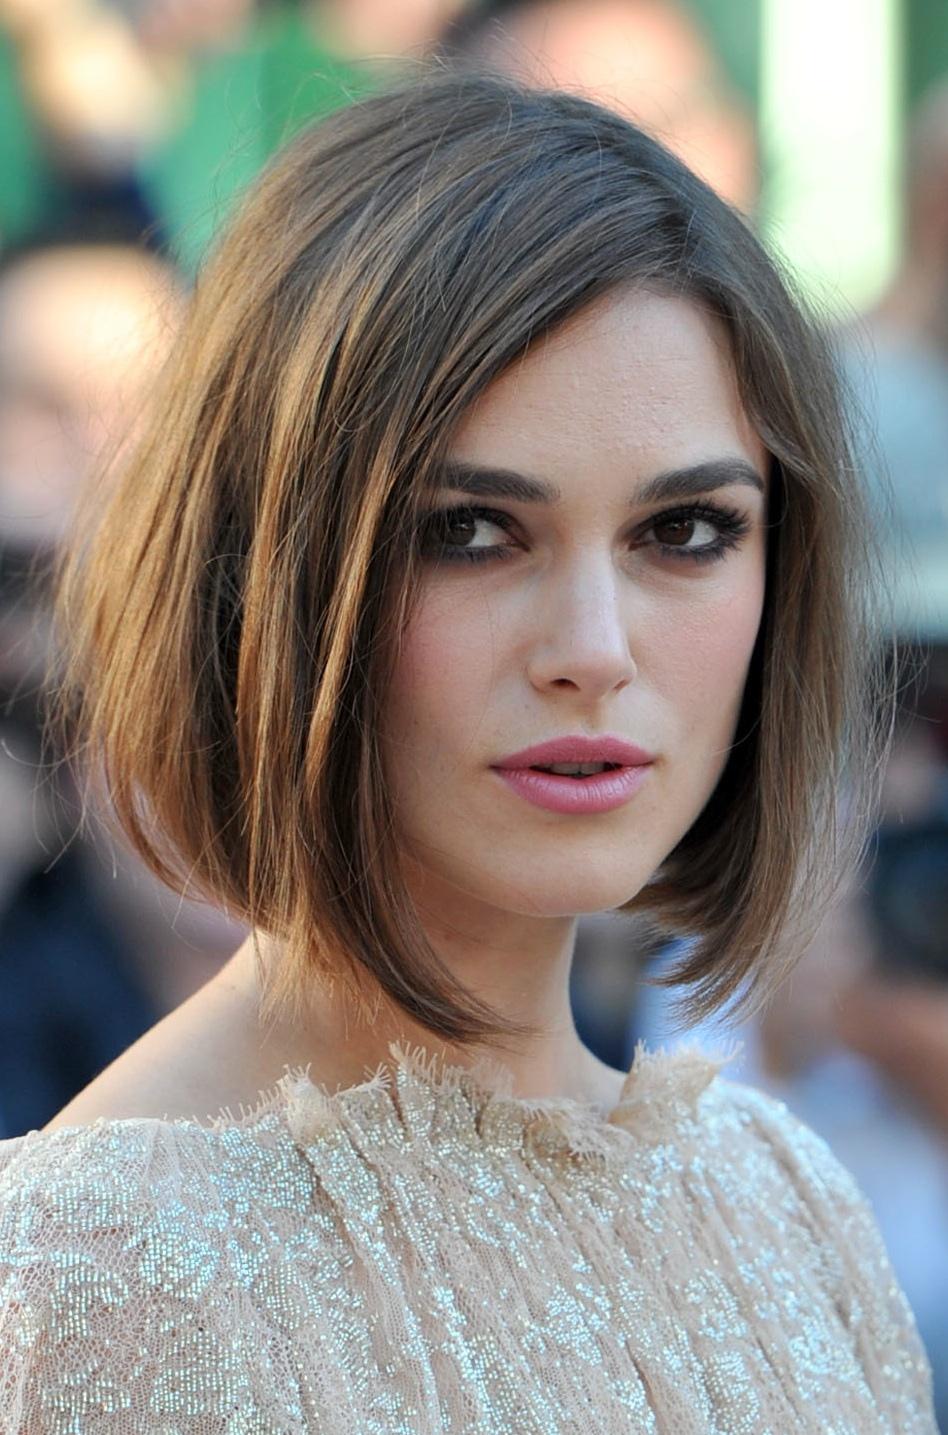 Cortes de cabelo melhores & surpreendentes para mais senhoras da cara do tamanho